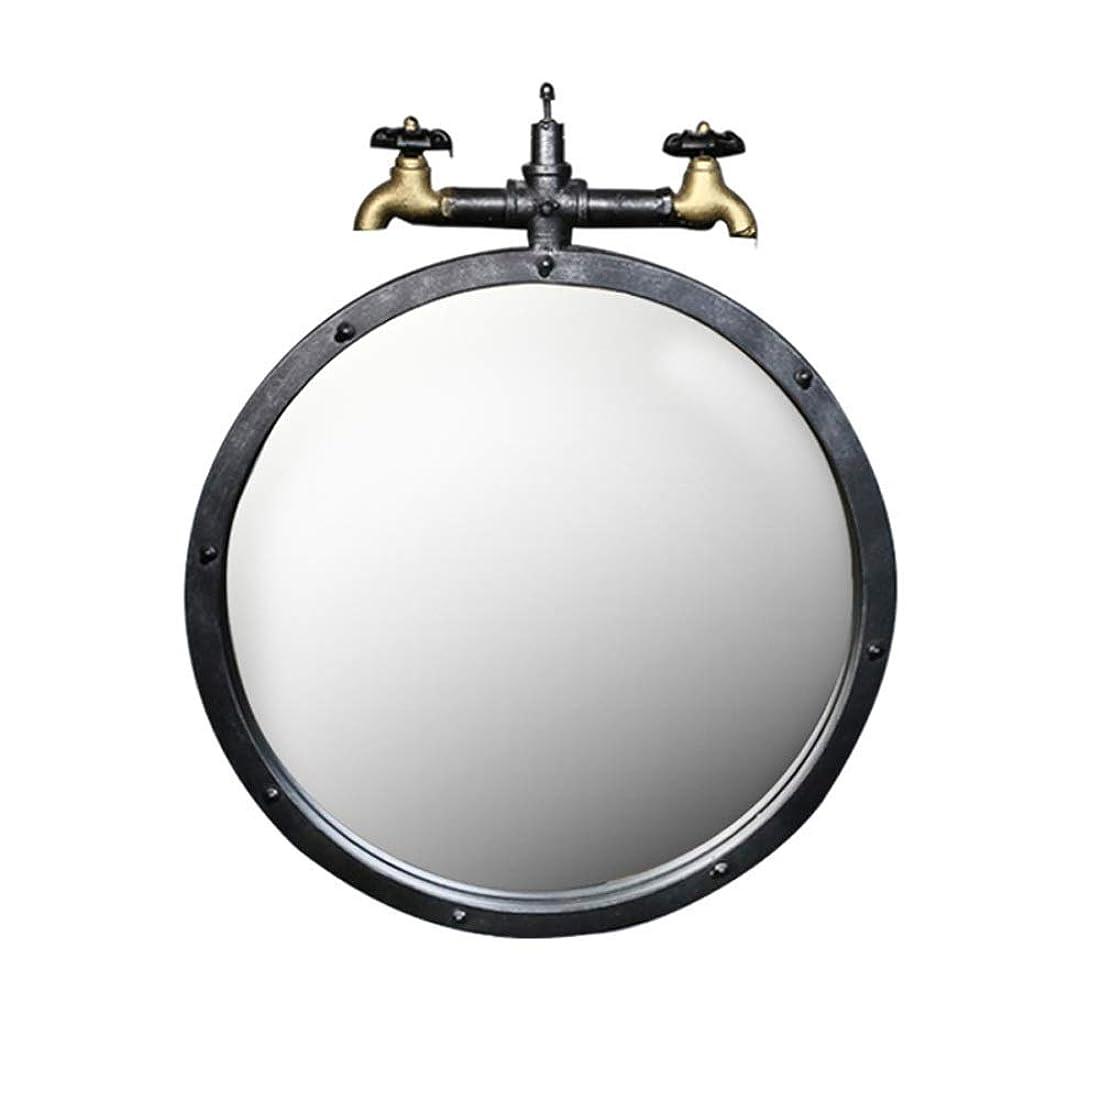 から聞くつづり高架ビンテージ蛇口ミラー産業スタイル装飾壁掛けミラー浴室のシンクフロントミラー-713(色:A)